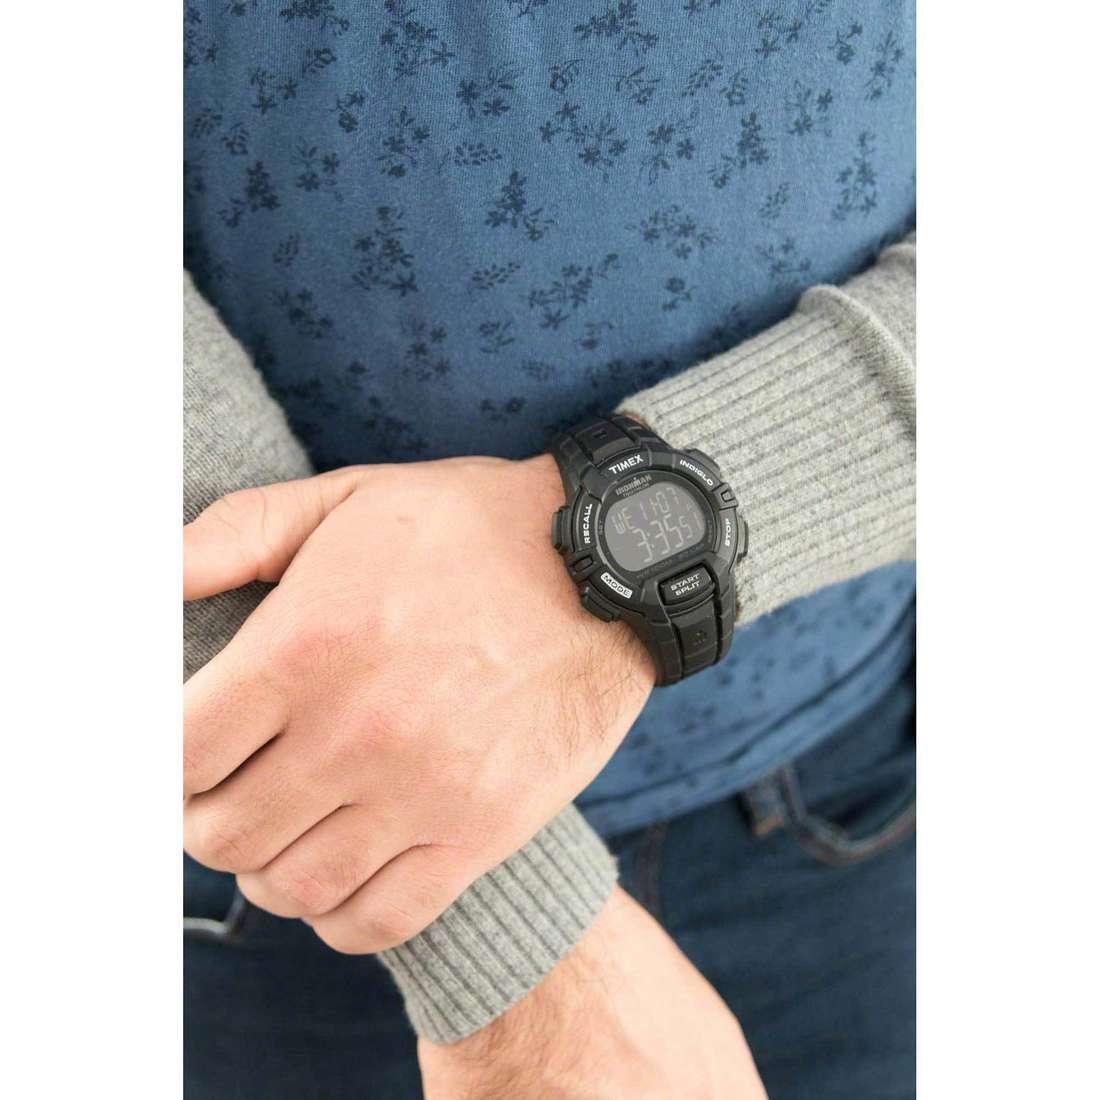 Timex chronographes 30 Lap Rugged unisex T5K793 indosso